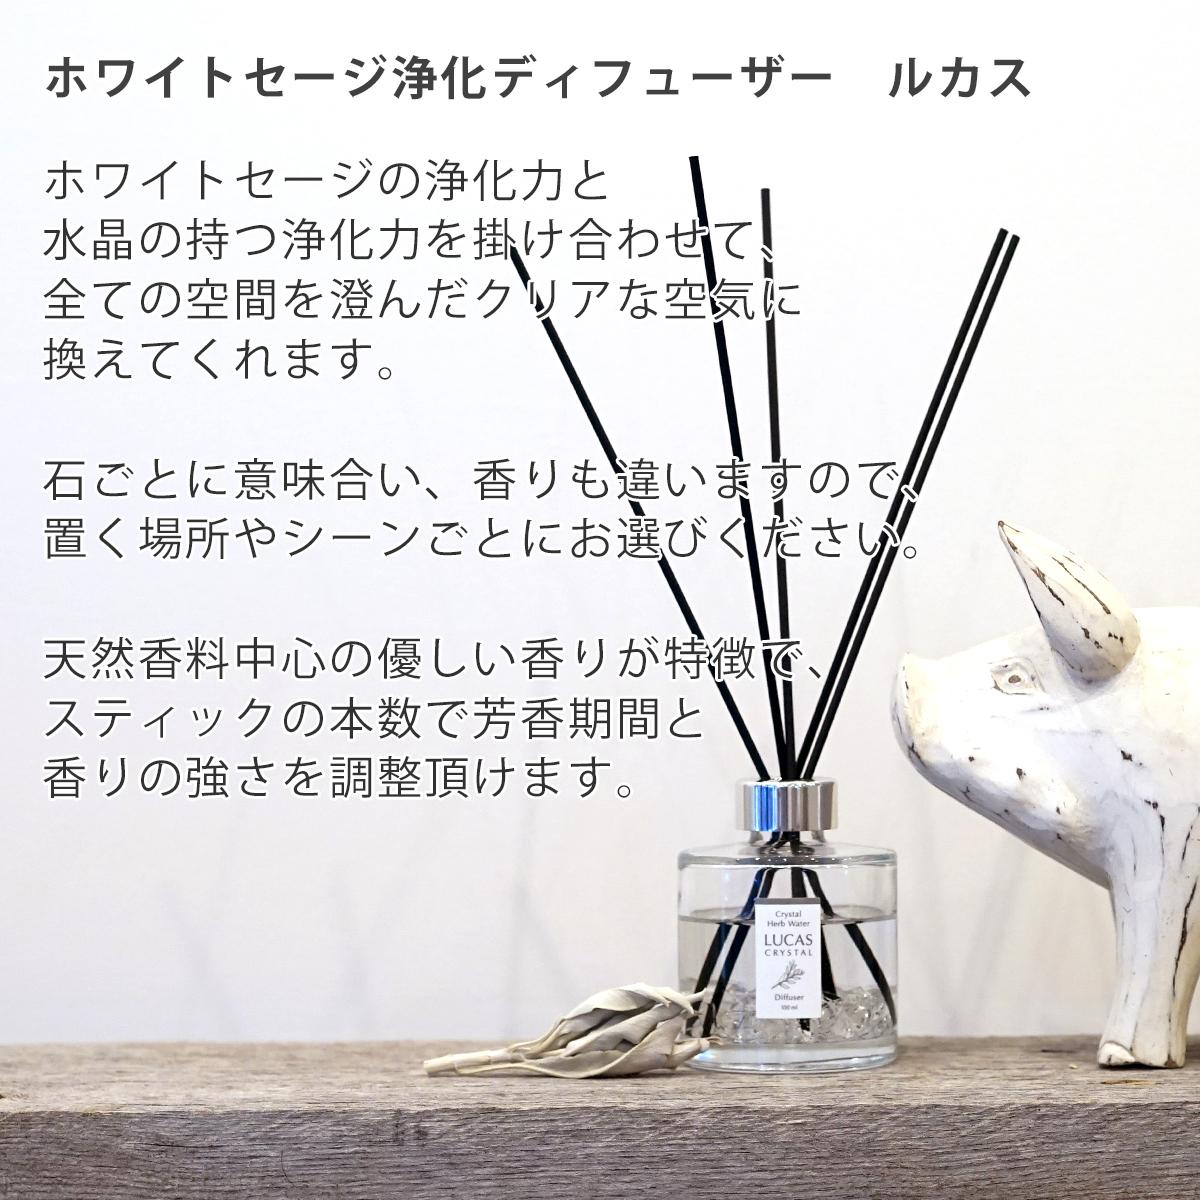 浄化ディフューザー ルカス 【シトリン】